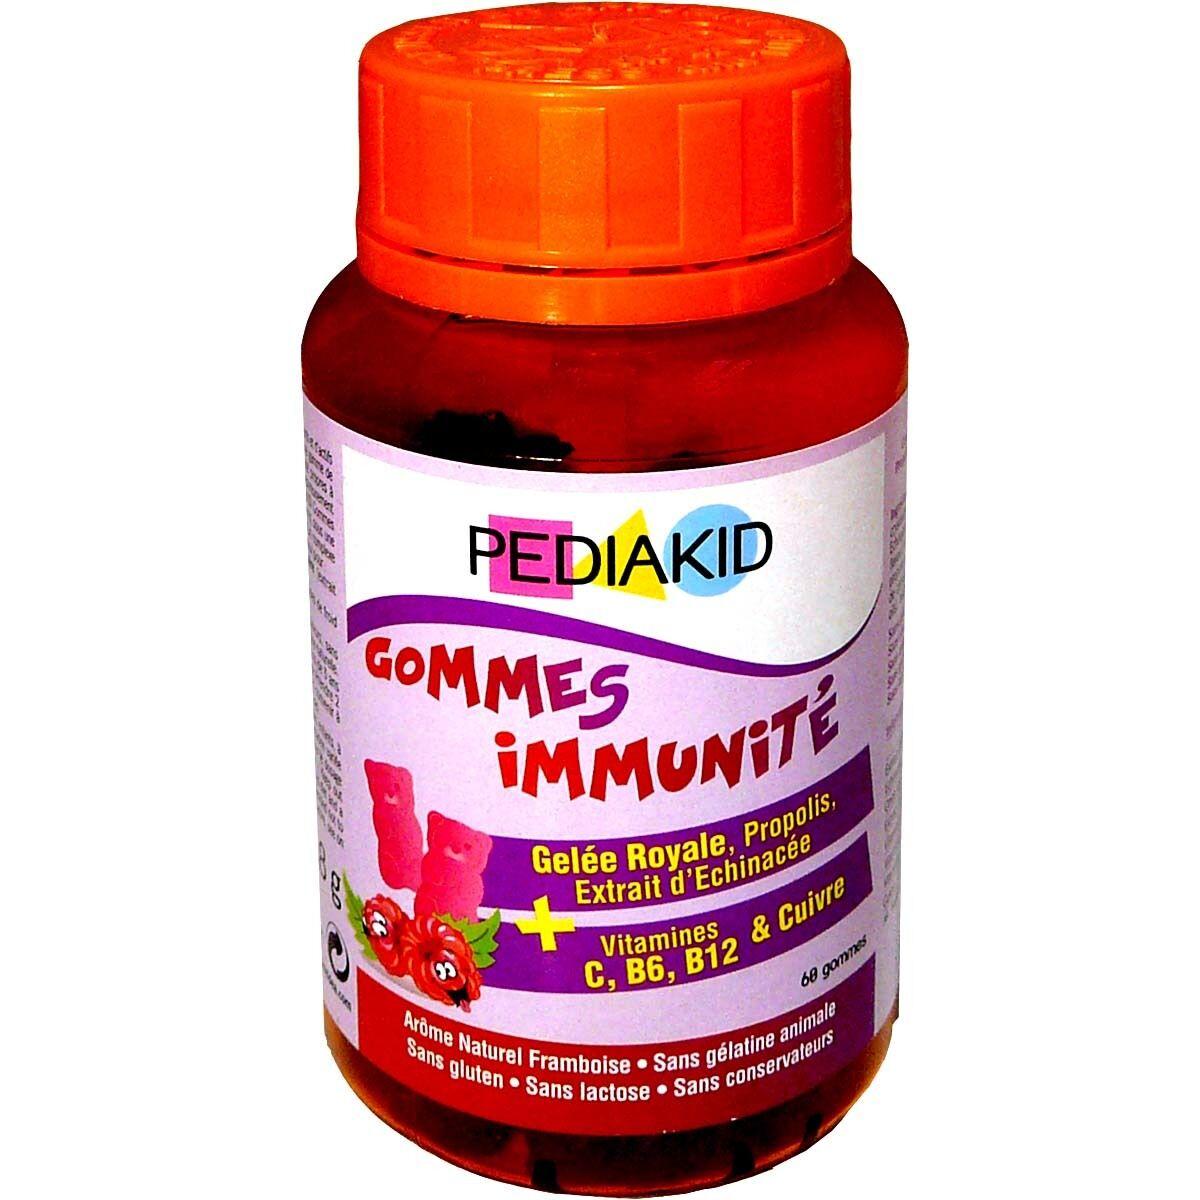 Pediakid 60 gommes immunites gout framboise